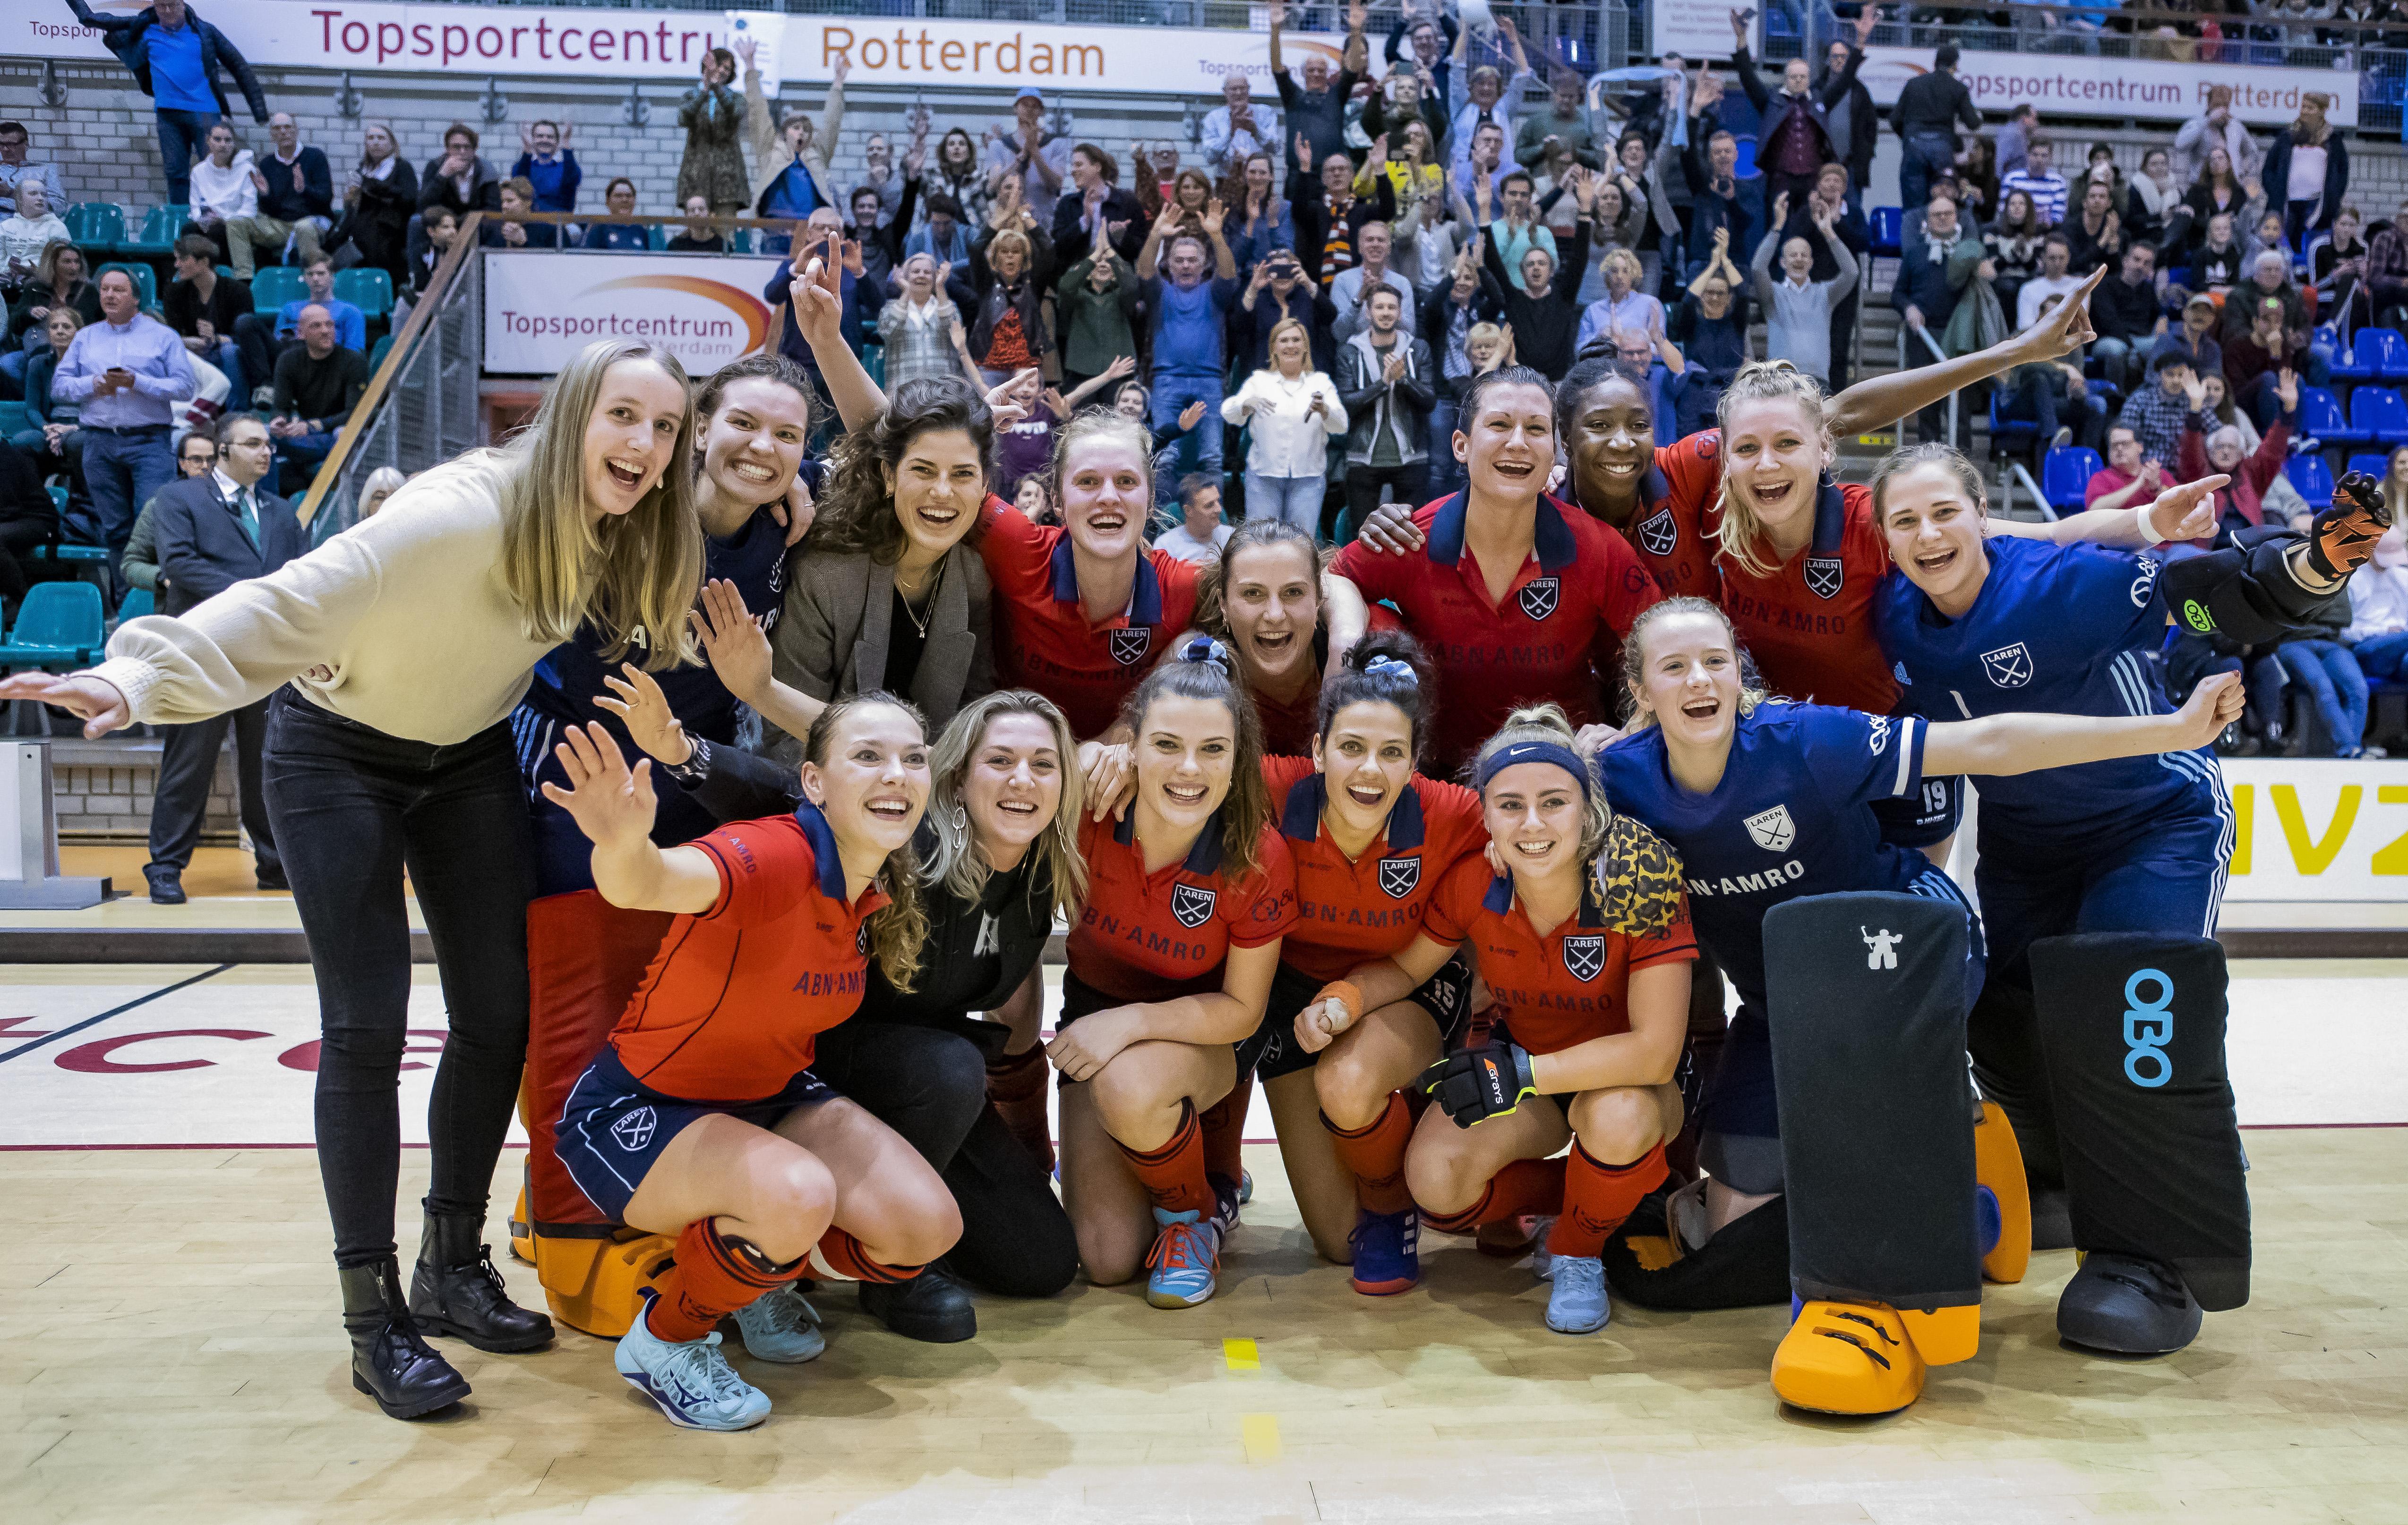 Hockeysters Laren zullen komend jaar niet de kans krijgen in eigen land de Europa Cup te heroveren: 'We zagen het aankomen, het is totaal begrijpelijk'